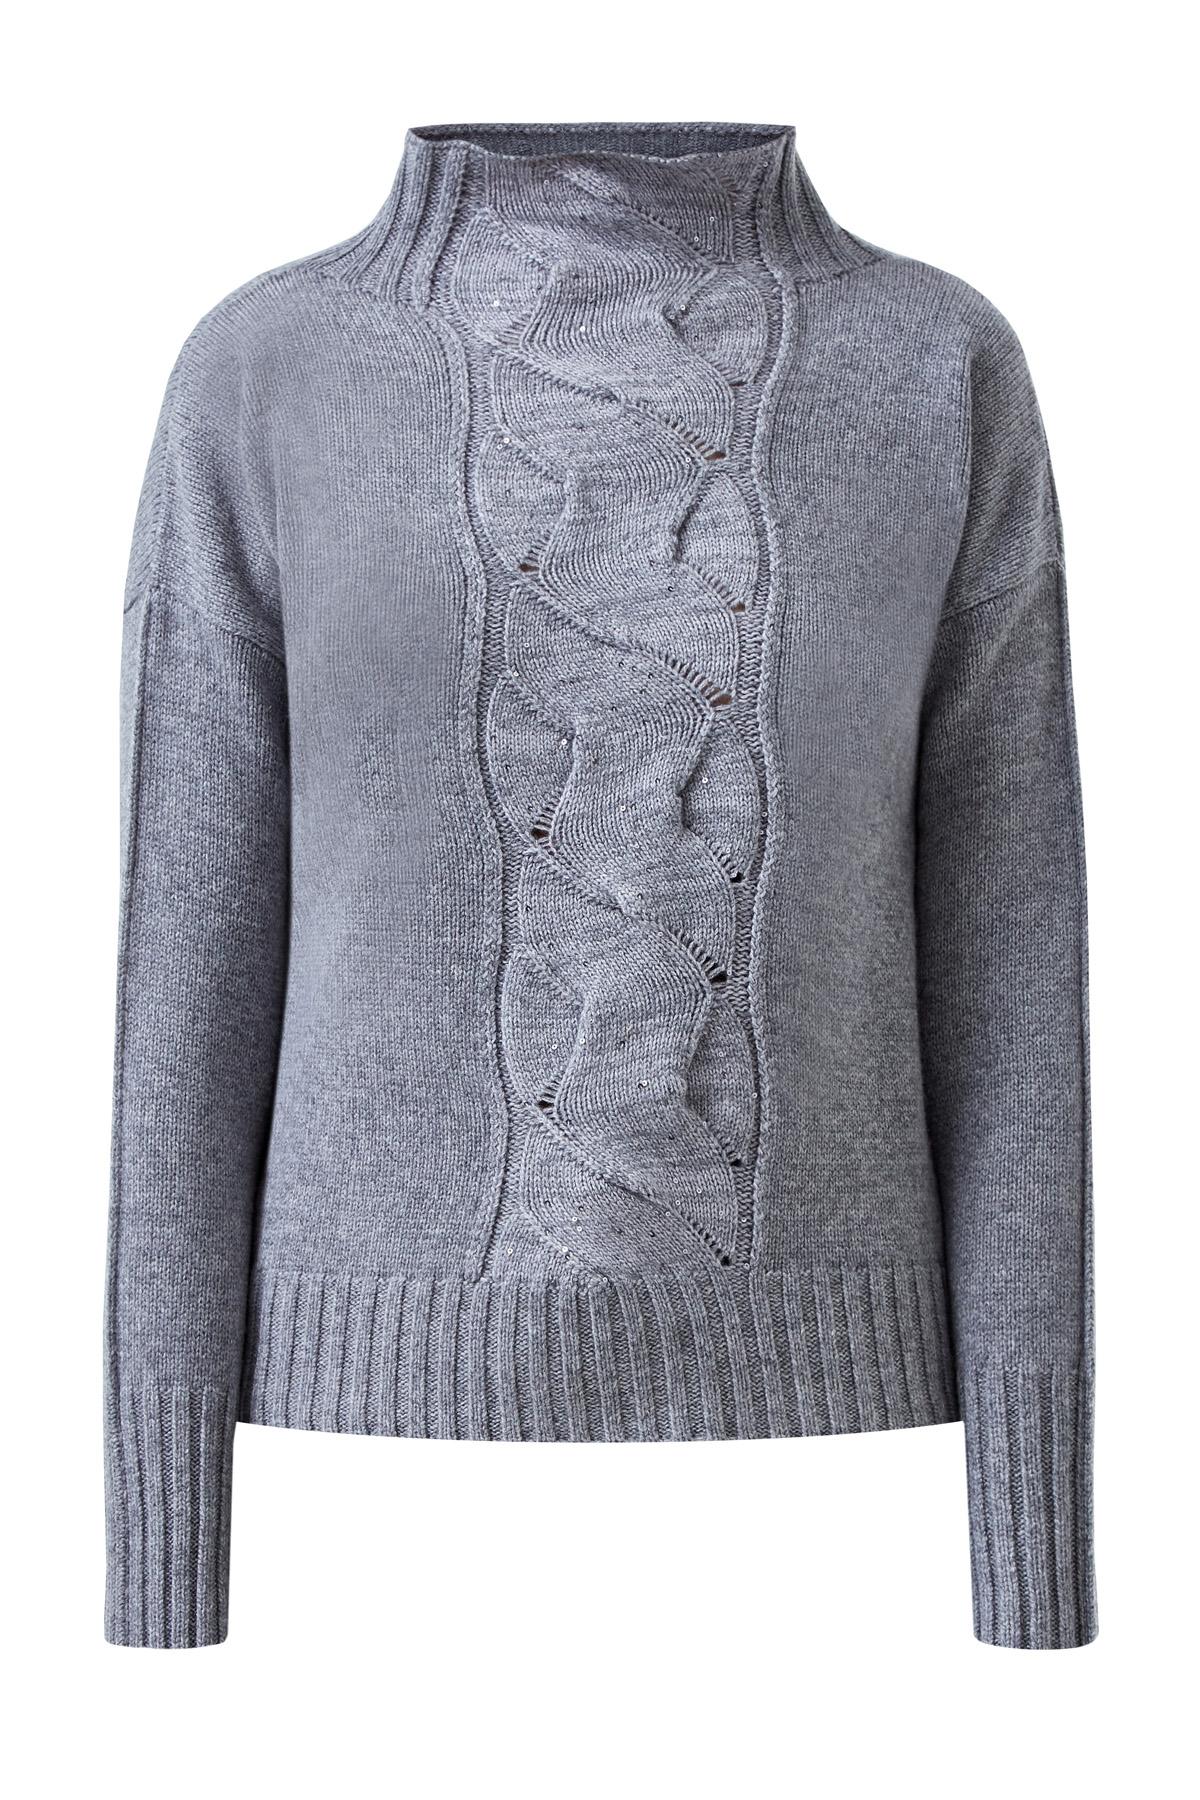 Шерстяной свитер с объемным узором и пайетками фото